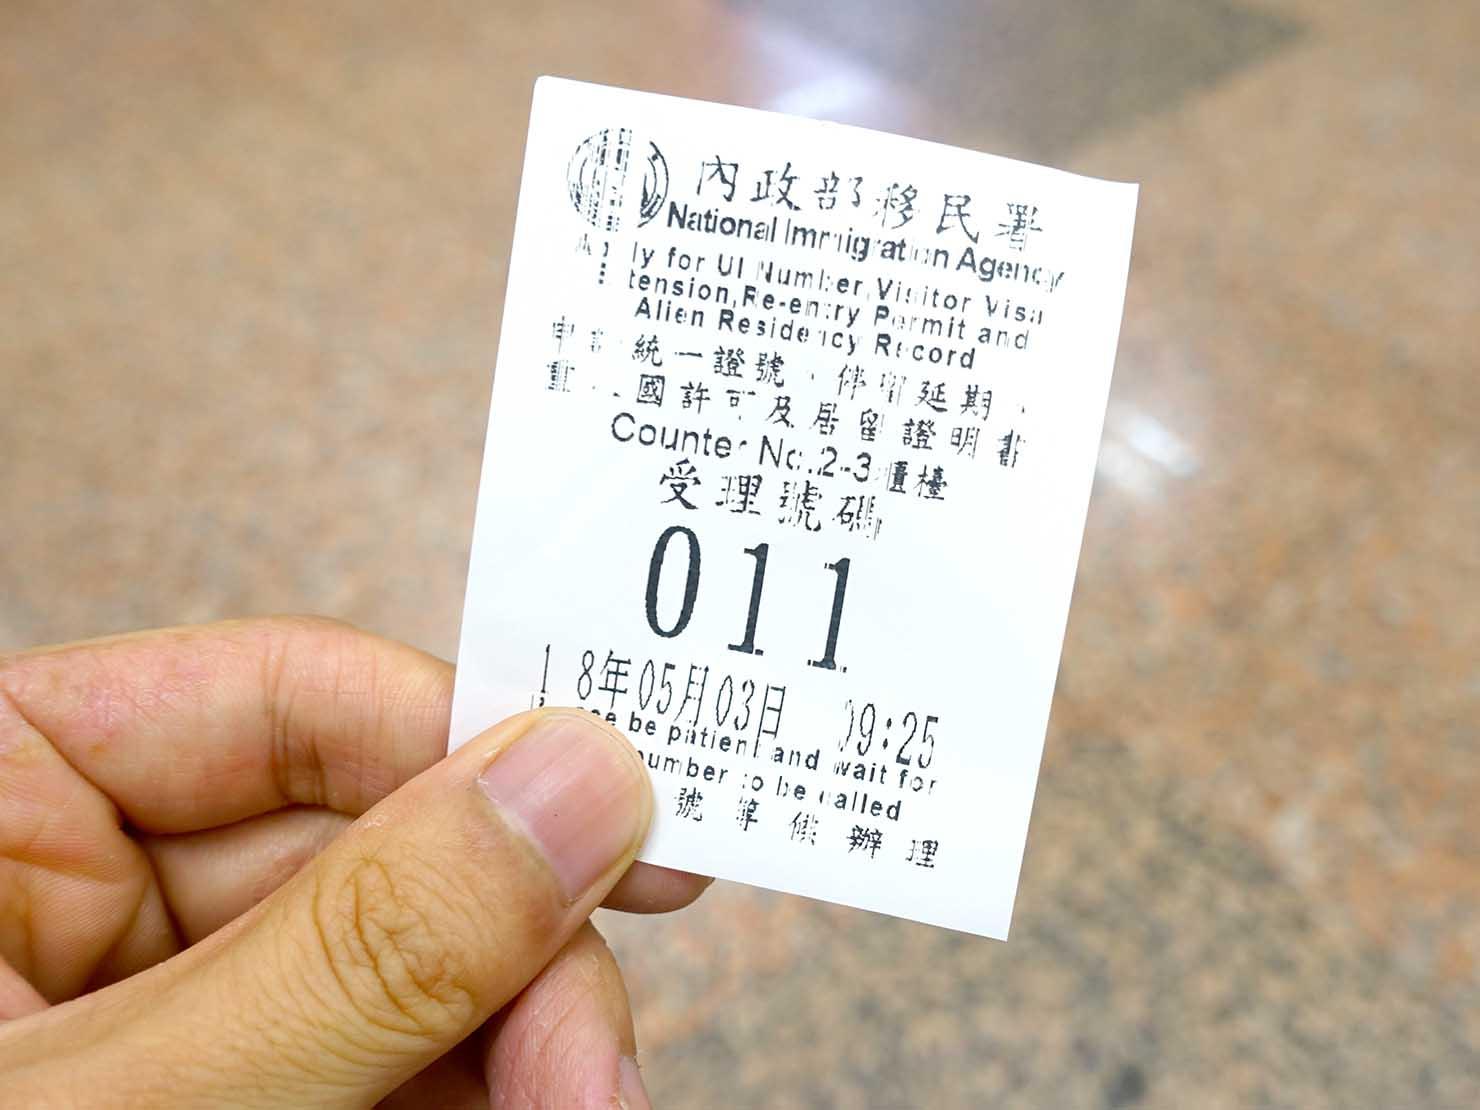 台湾の移民署の番号札